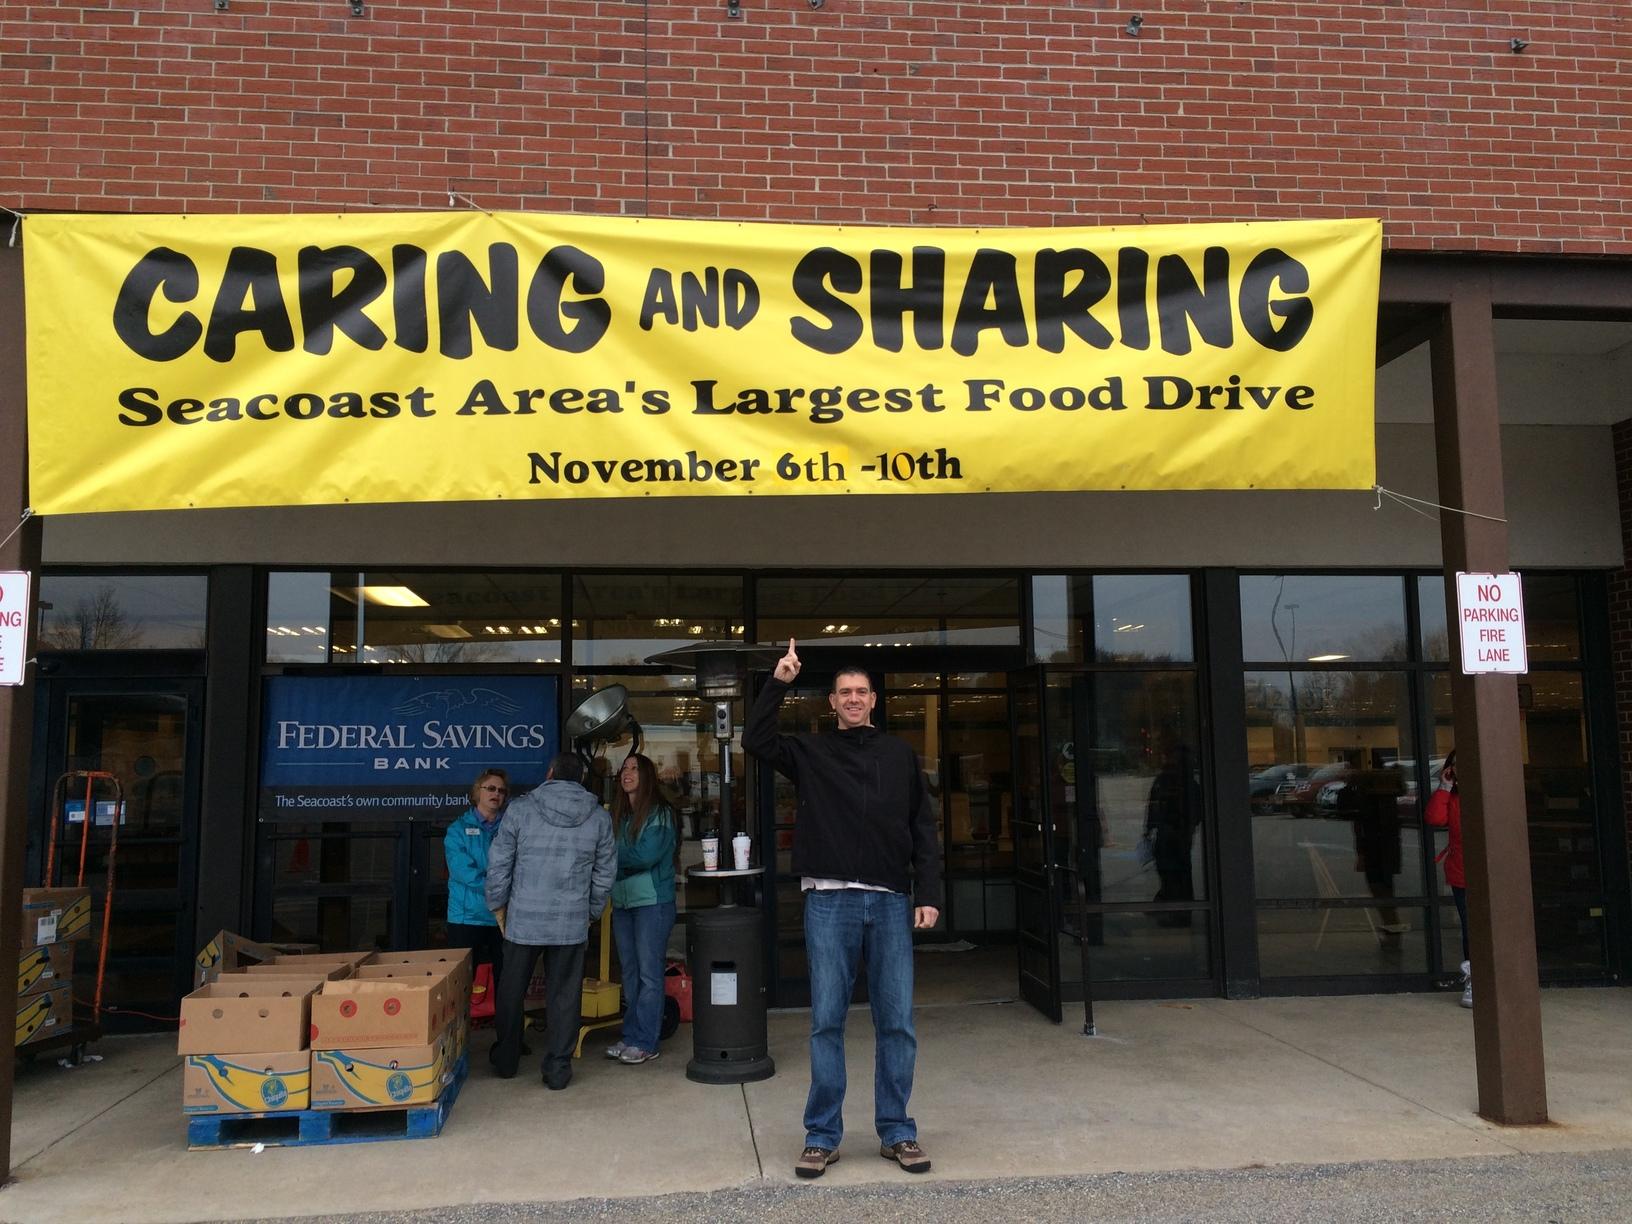 Caring & Sharing 2014